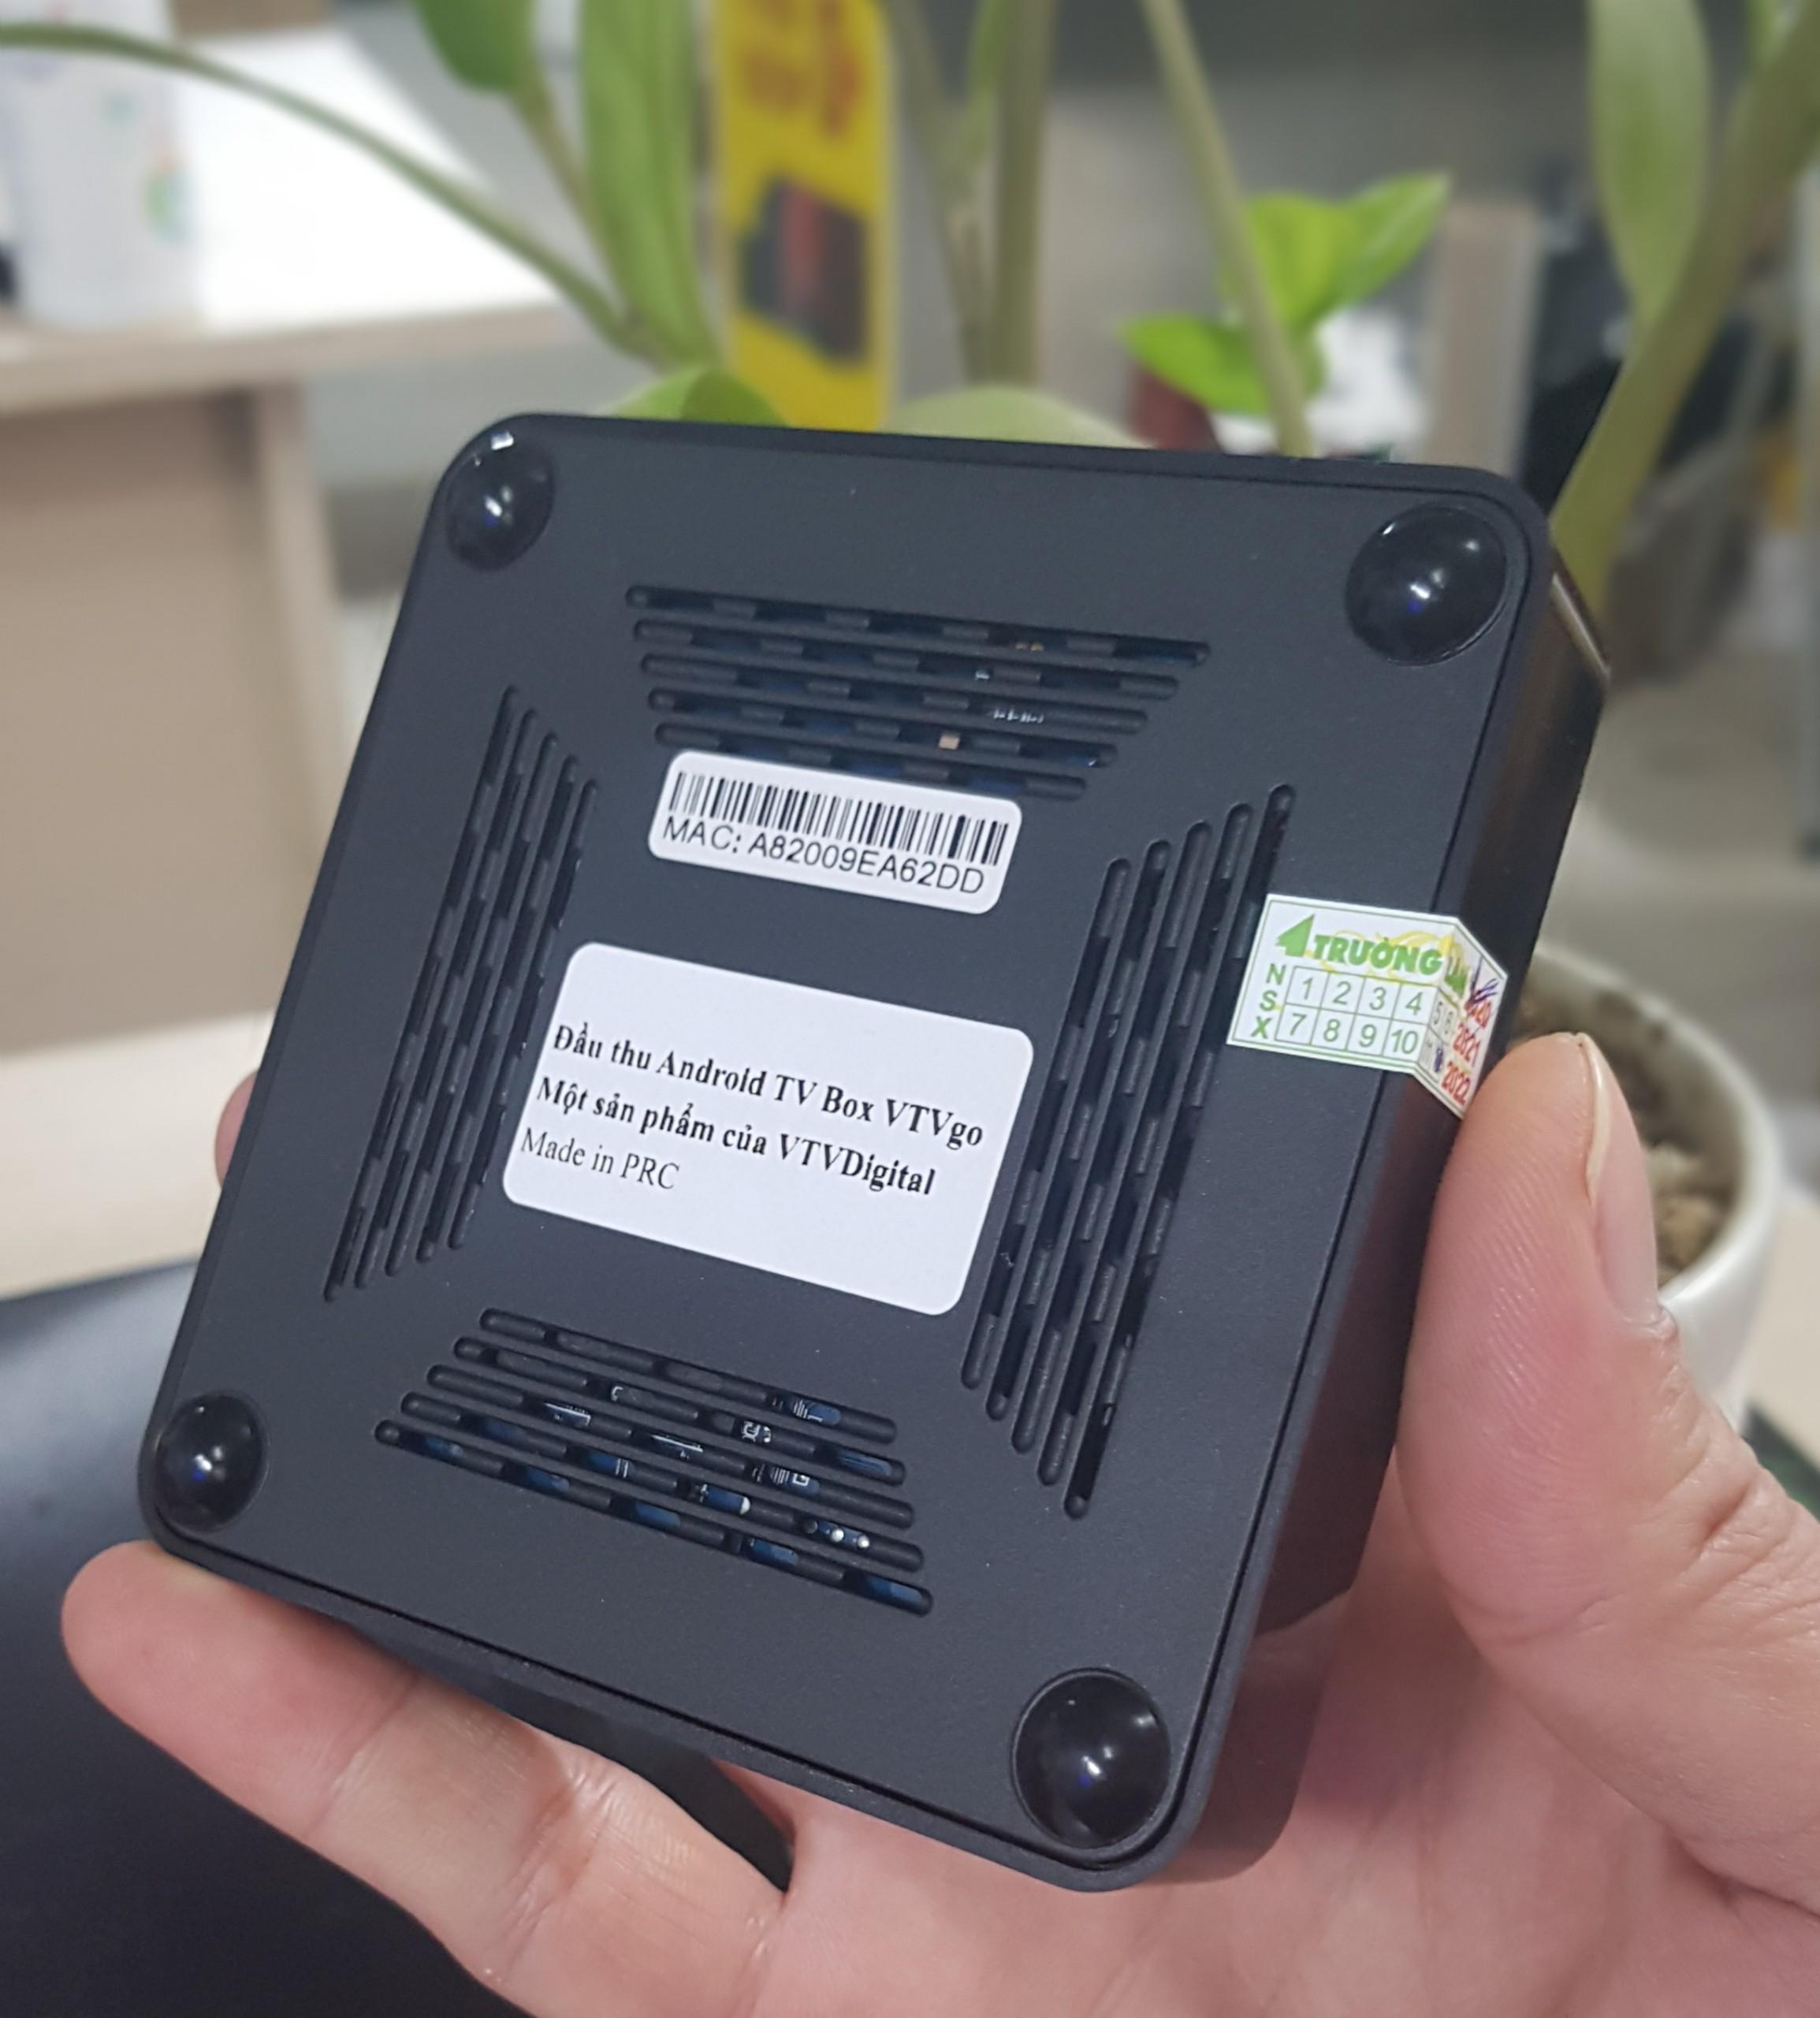 Android Tivi Box VTVgo 2021 Truyền Hình VTVgo phù hợp mang đi nước ngoài , Android 9 Chip amlogic S905W Ram 2GB - Hàng Chính Hãng